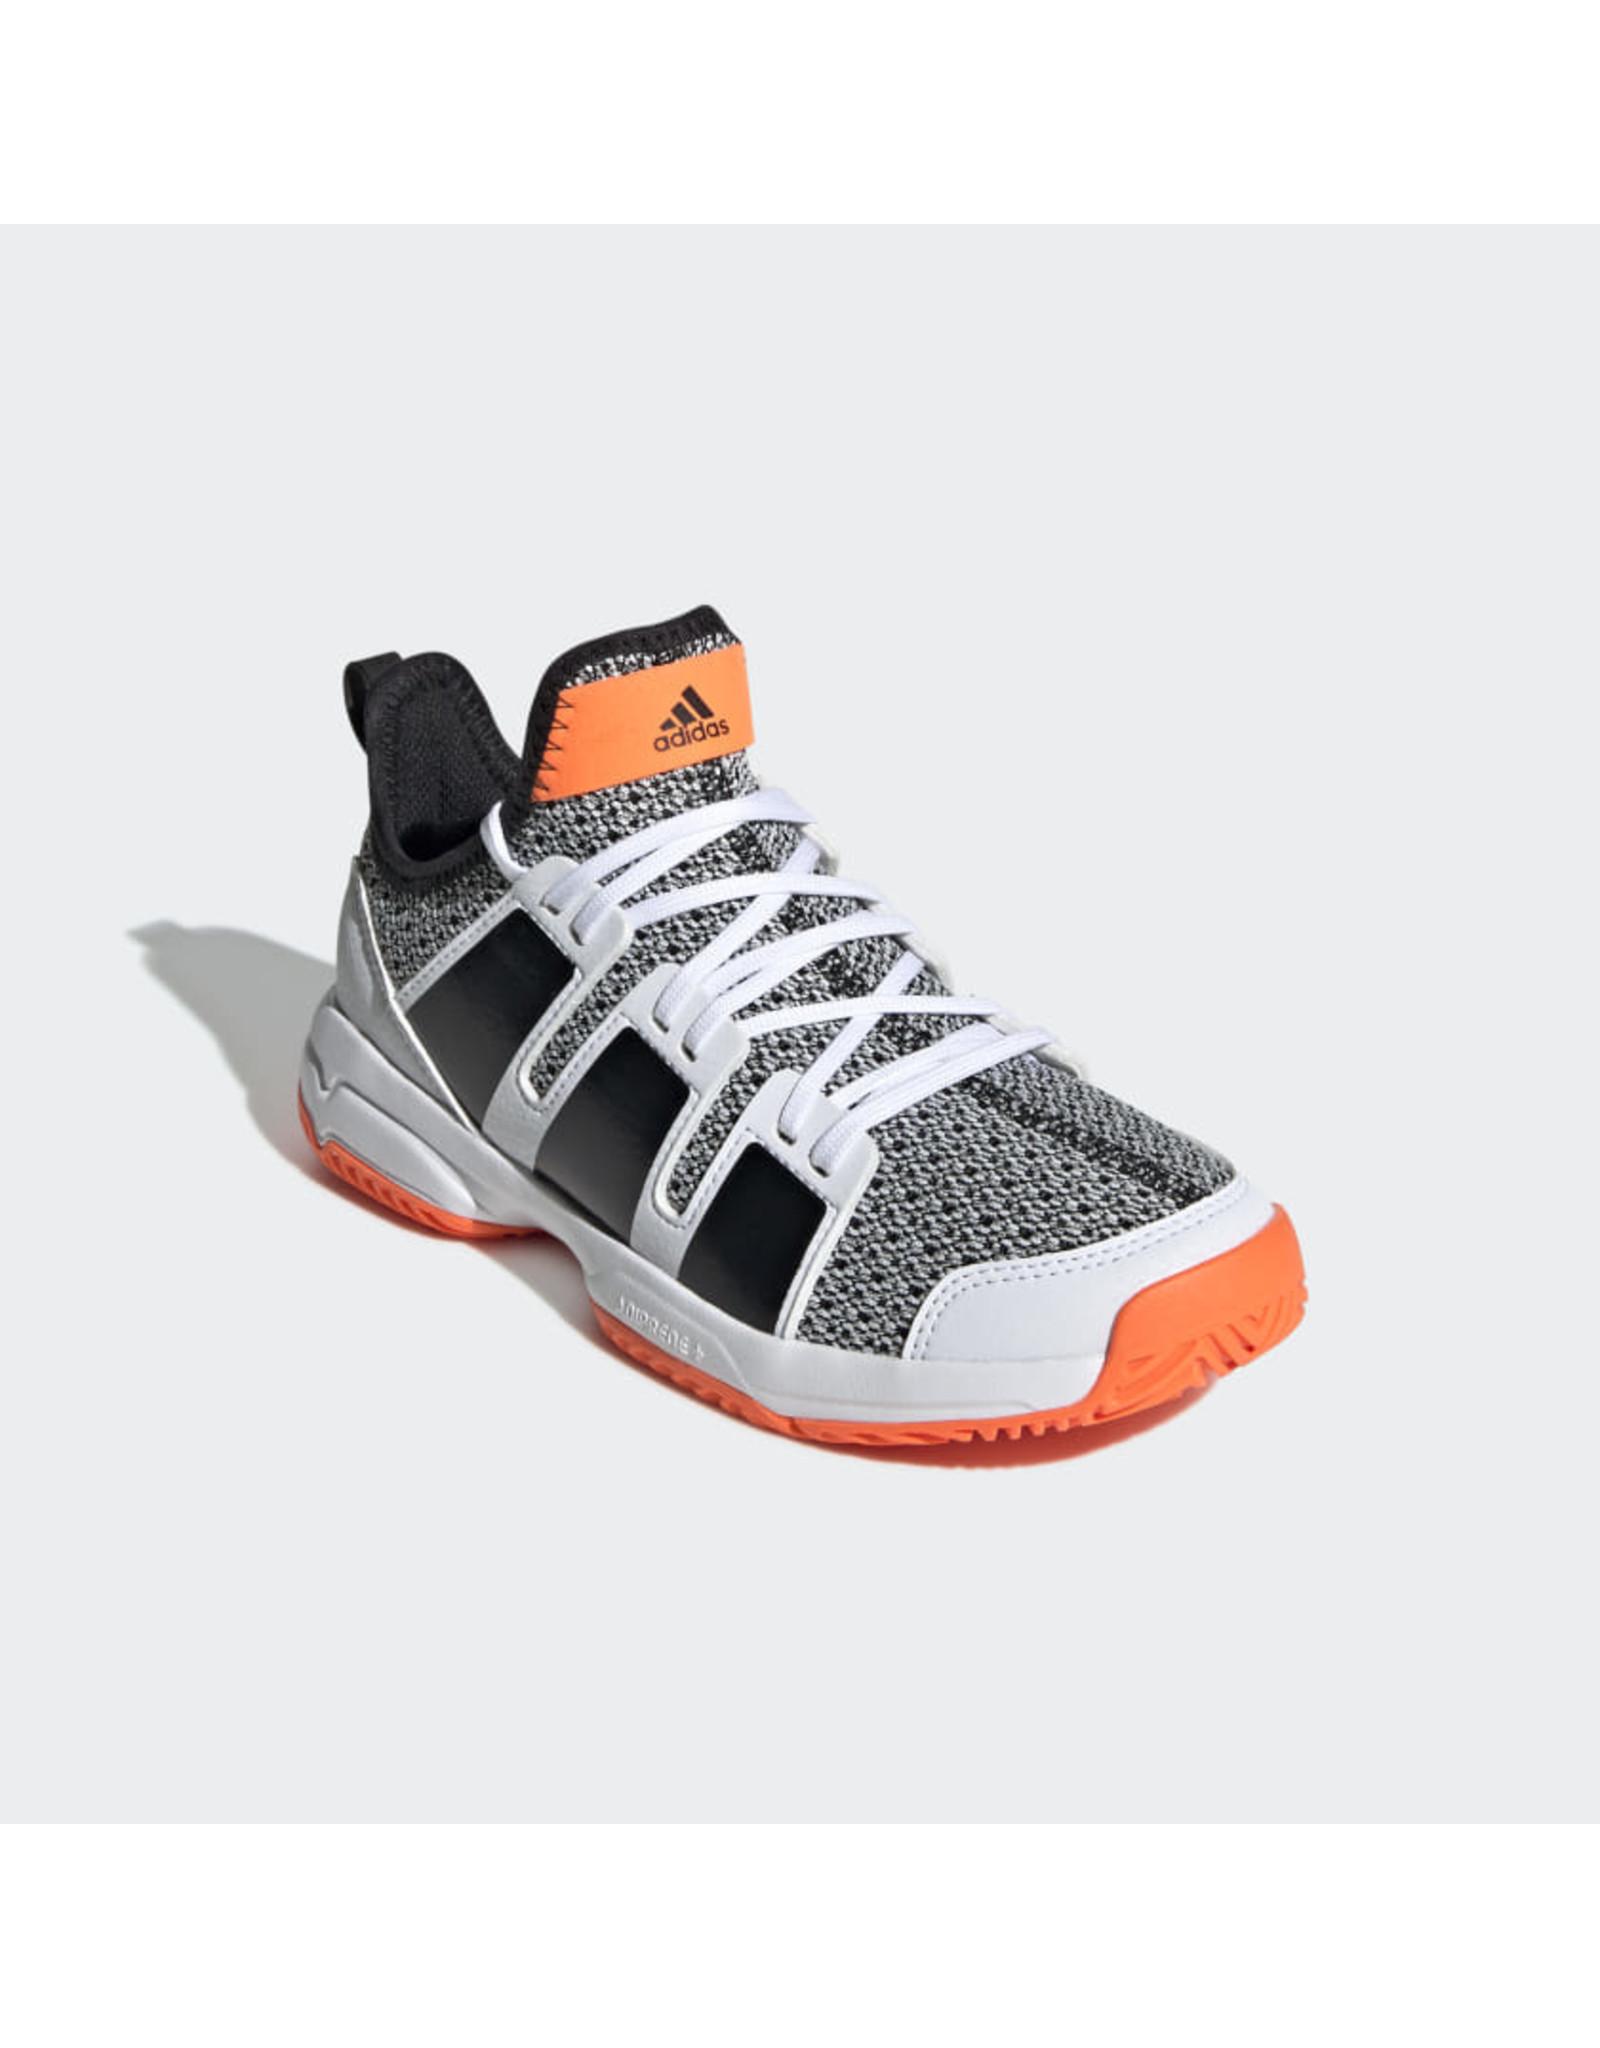 Adidas Stabil Junior Indoor